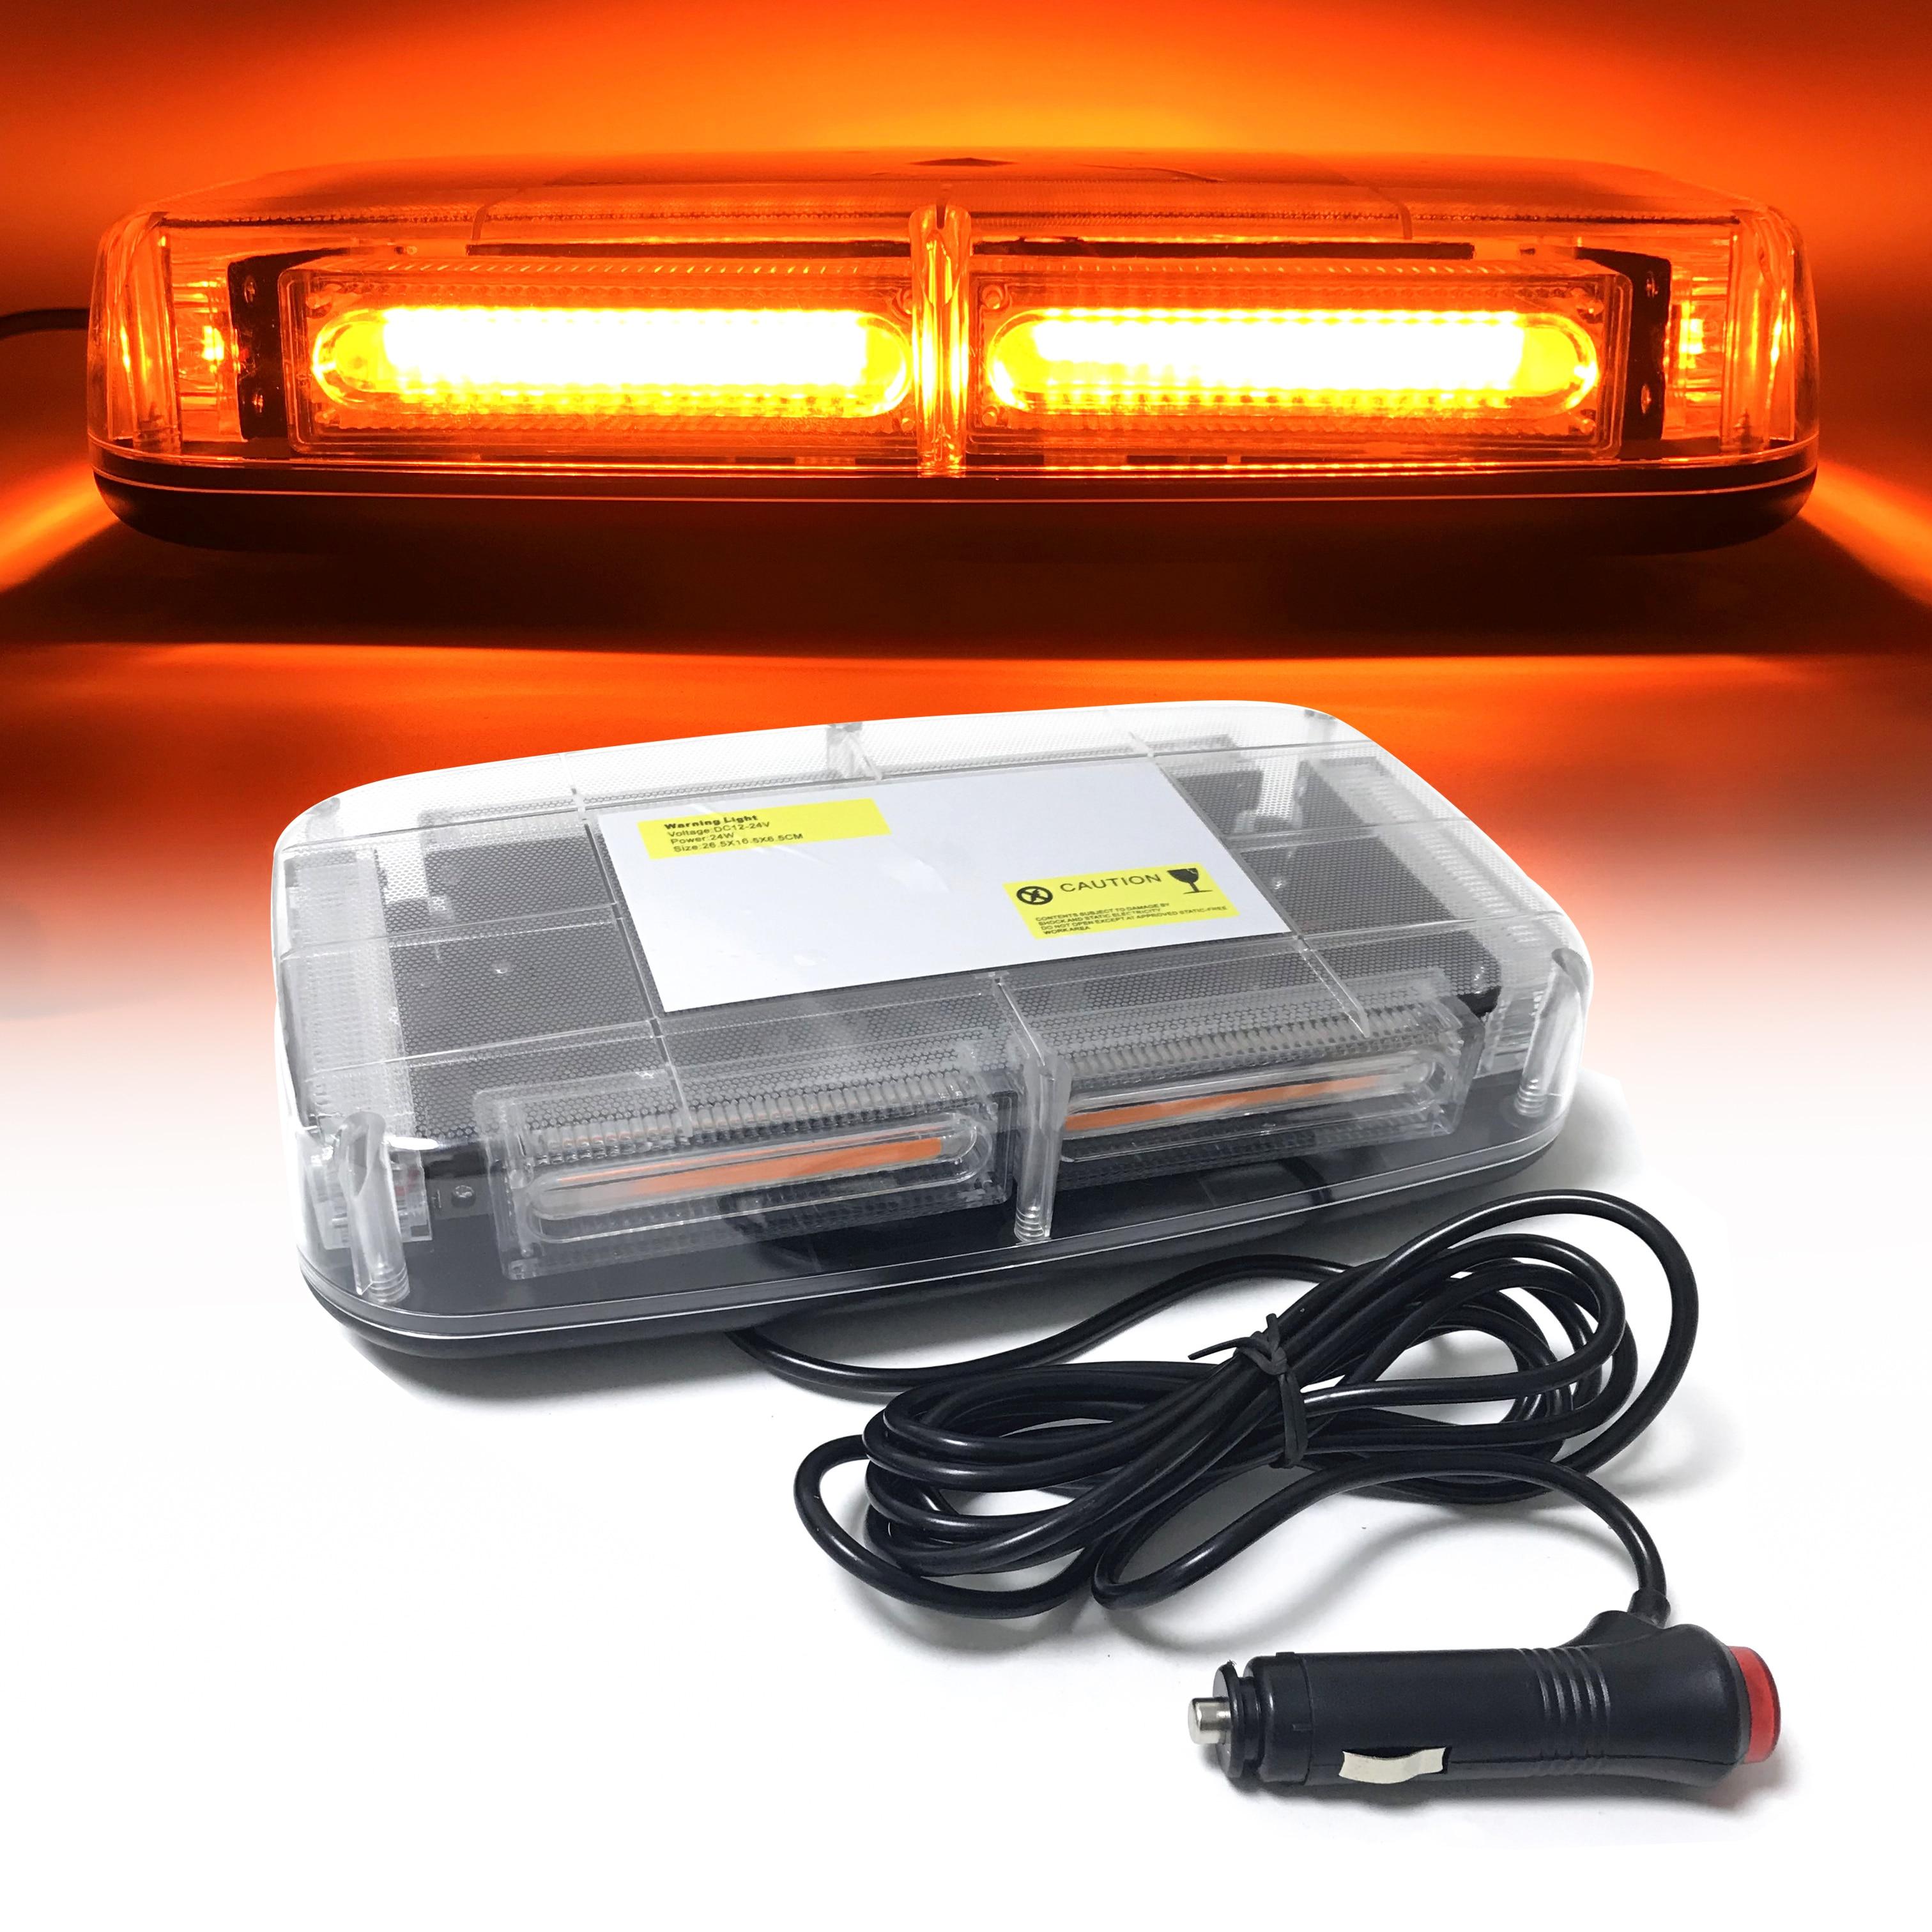 Ambre COB LED voiture toit stroboscope Flash avertissement lumière véhicule Police clignotant balise stroboscope lampe de secours magnétique monté 12V ~ 24V